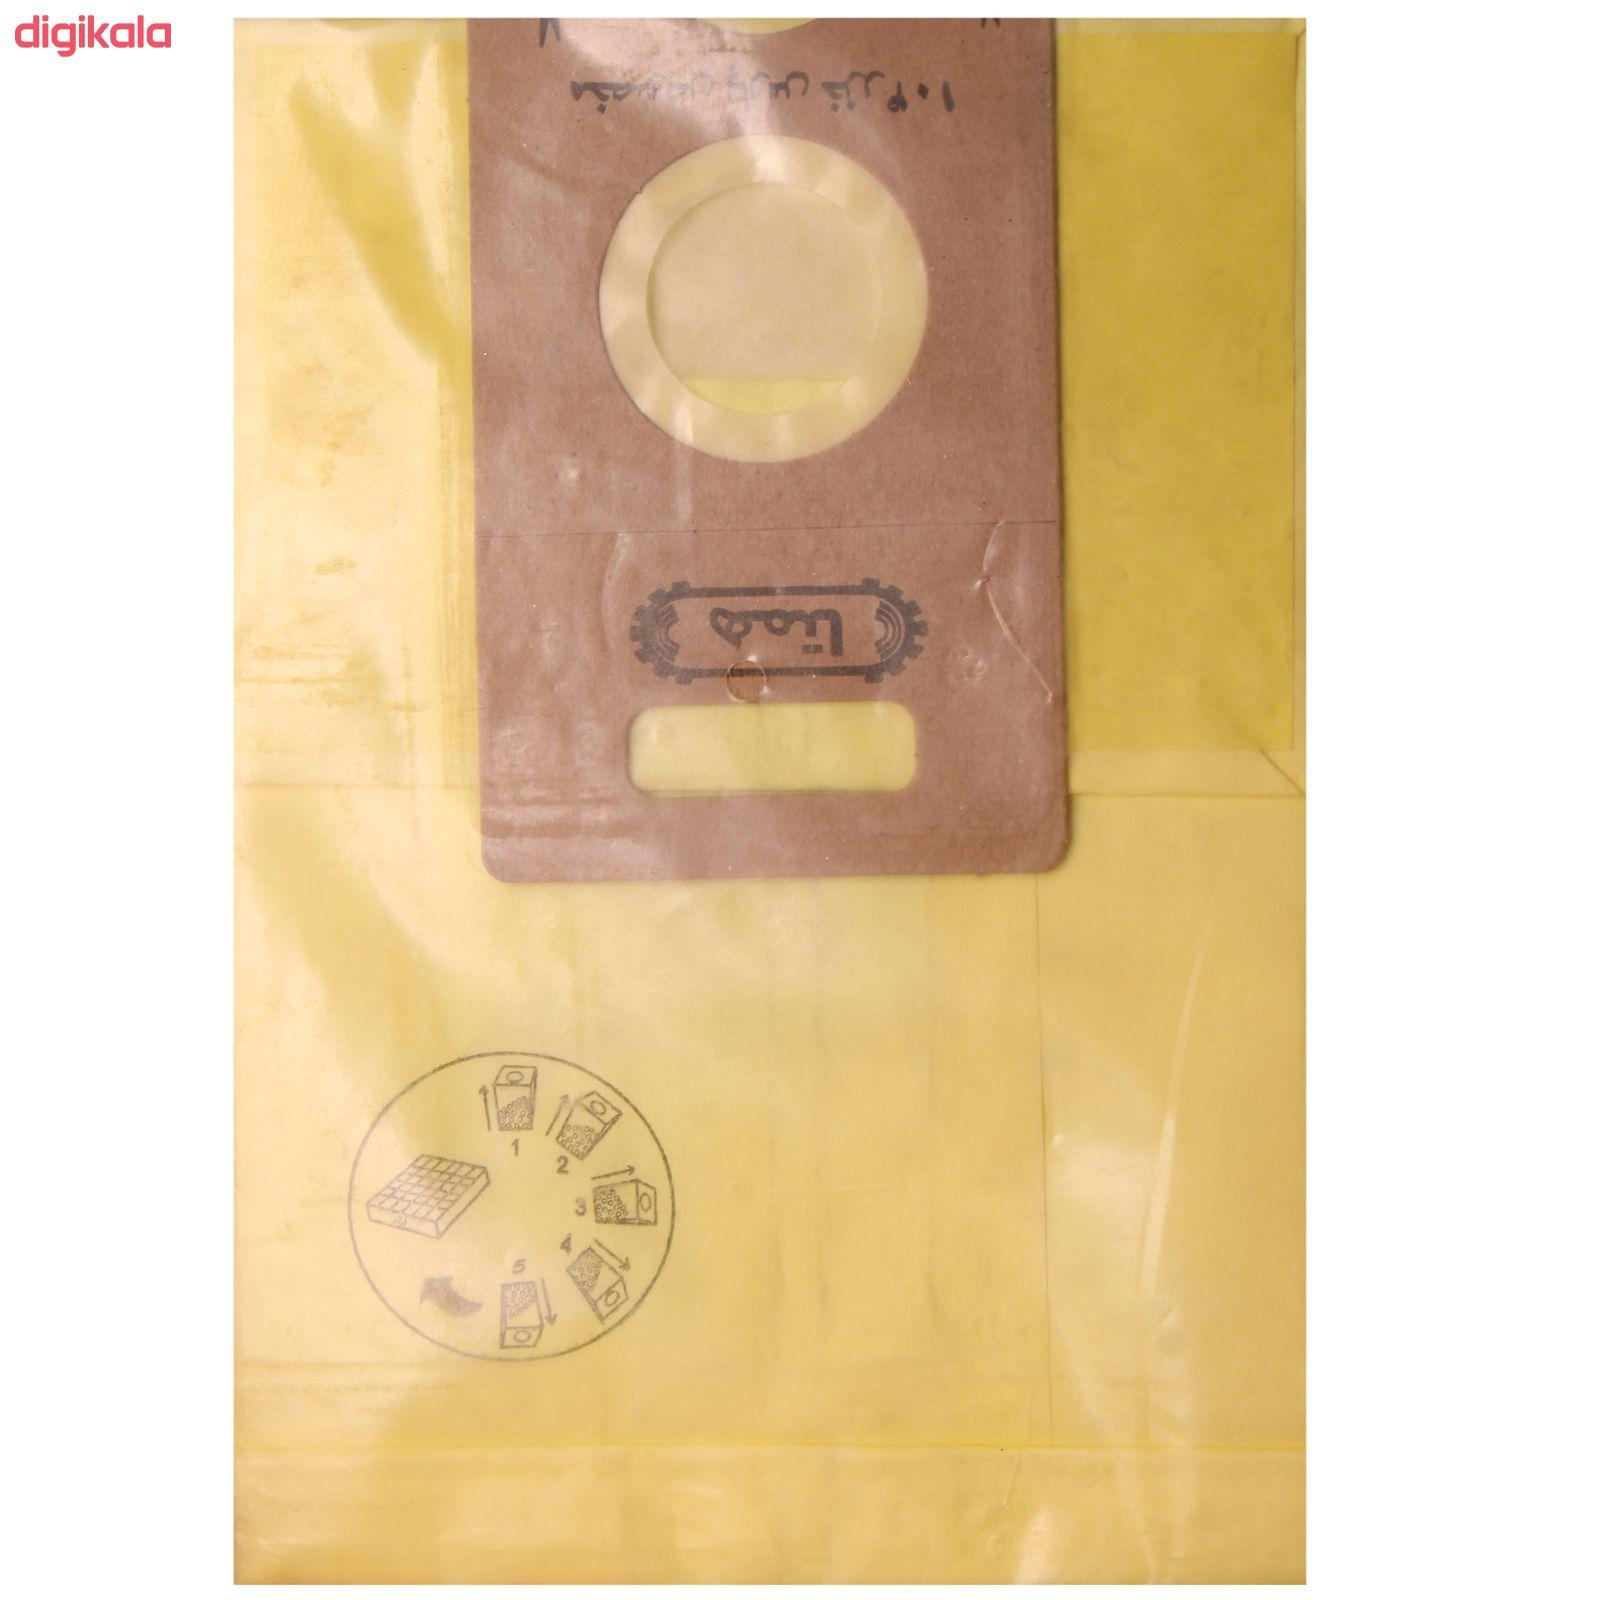 کیسه جارو برقی همتا  کد1166بسته 5 عددی مناسب برای جارو های پارس خزر main 1 1